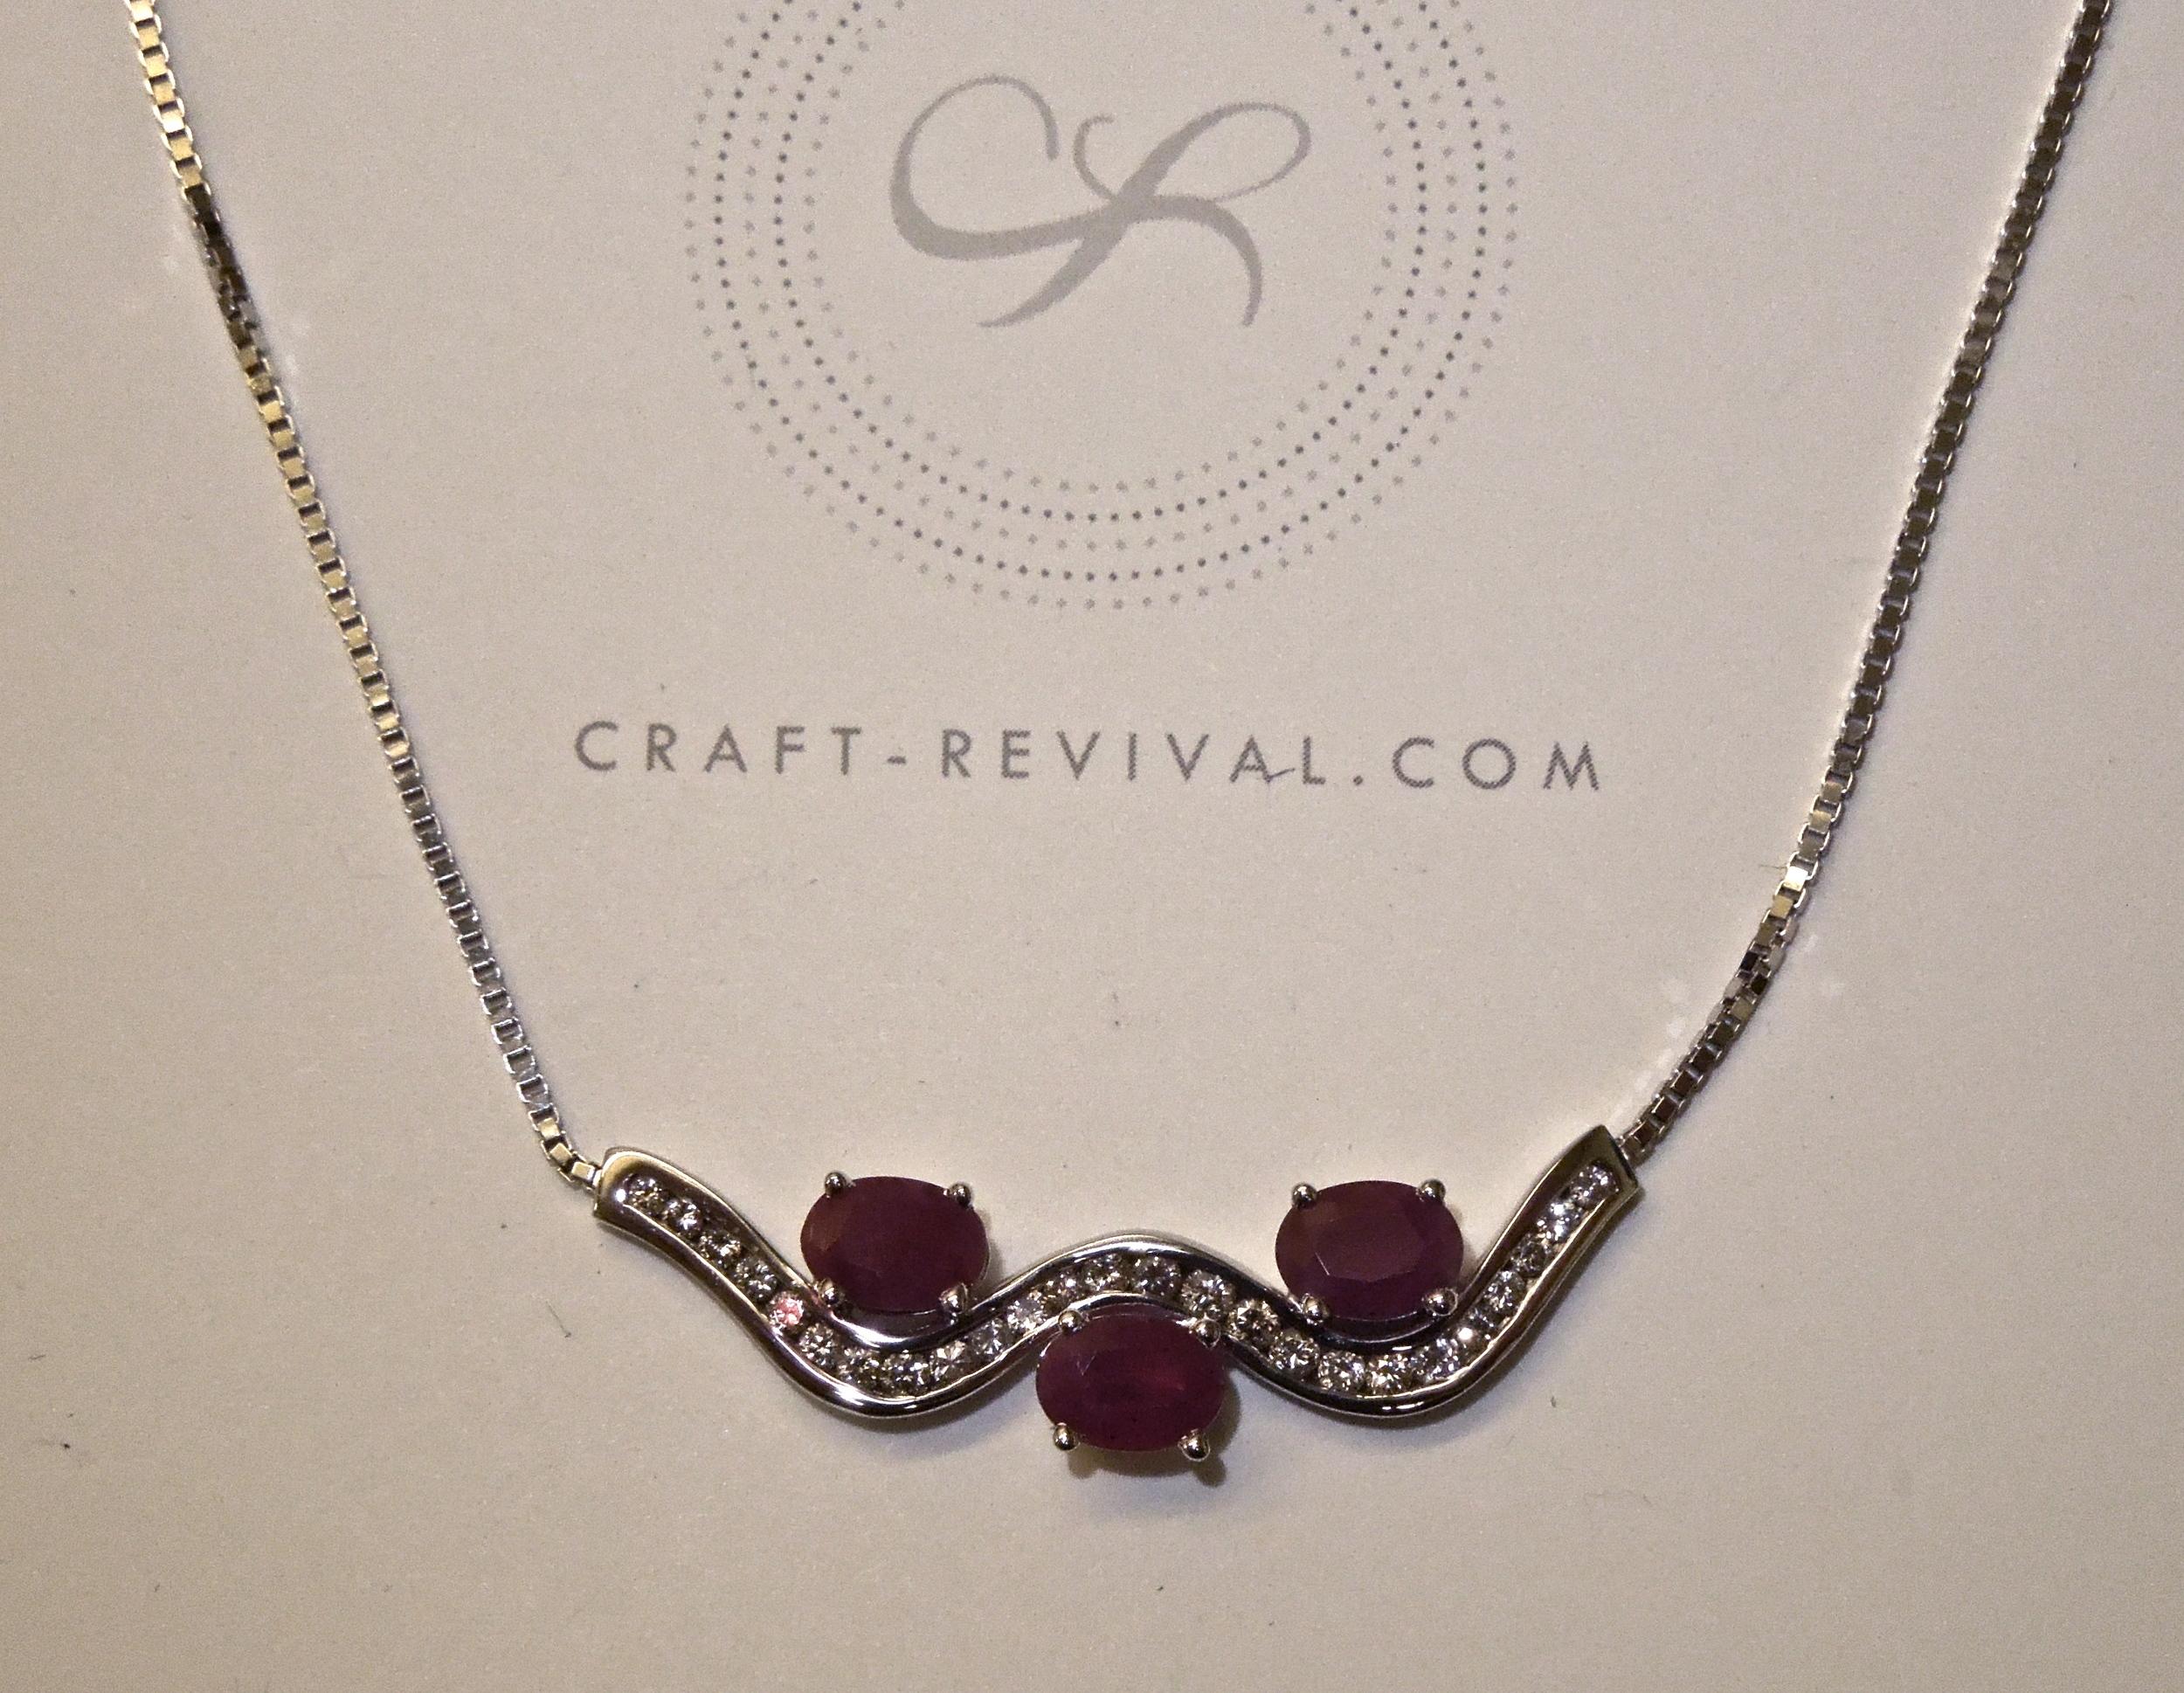 unique-ruby-pendant-ladies-fashion-channel-set-pendant-craft-revival-jewelry-store-grand-rapids